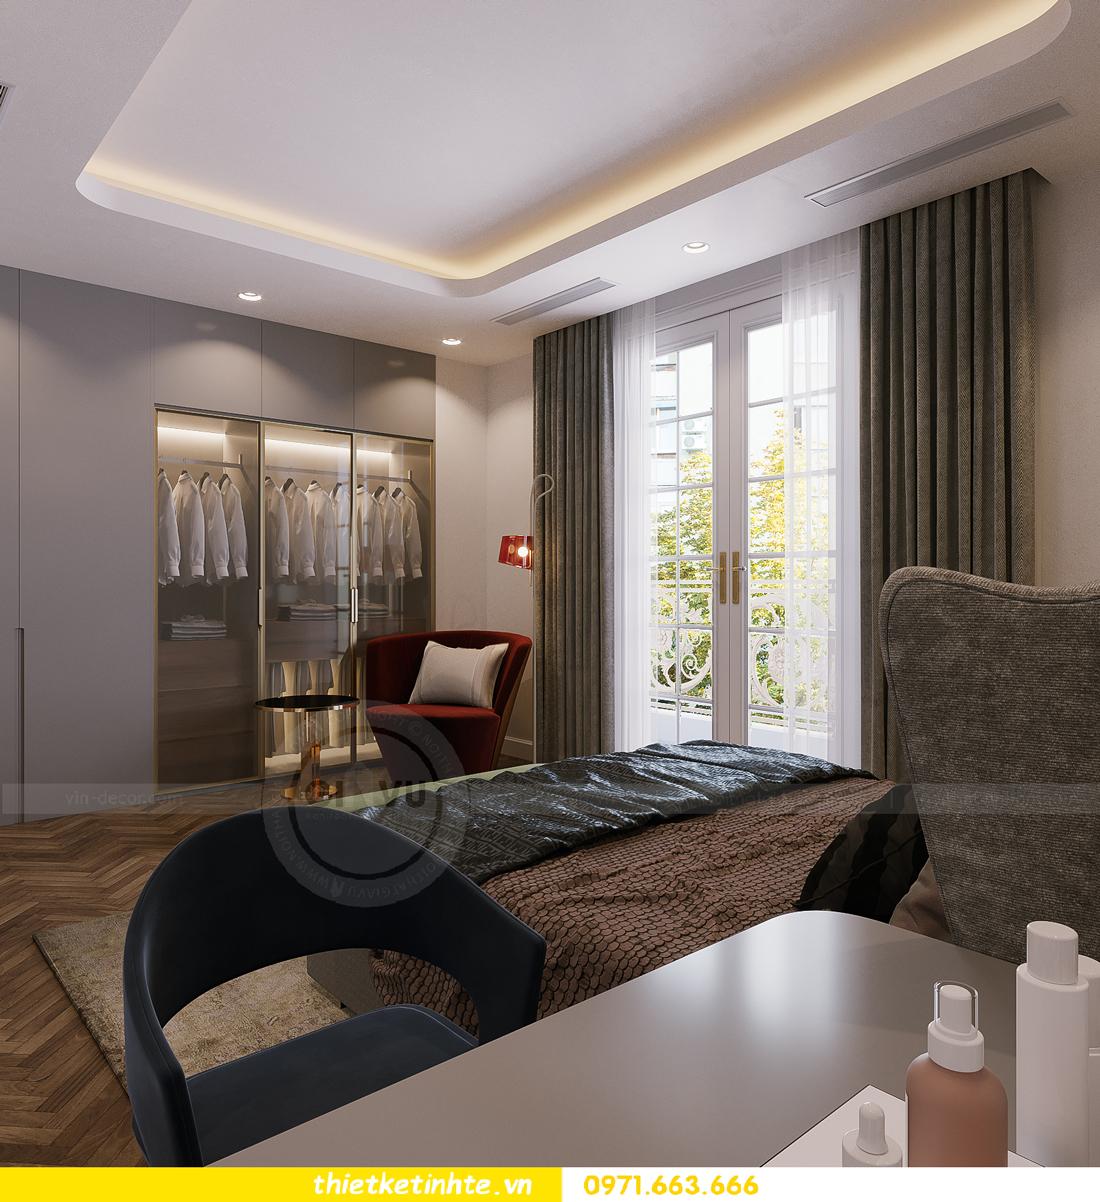 thiết kế thi công nội thất biệt thự Ngọc Trai Vinhomes Ocean Park 35